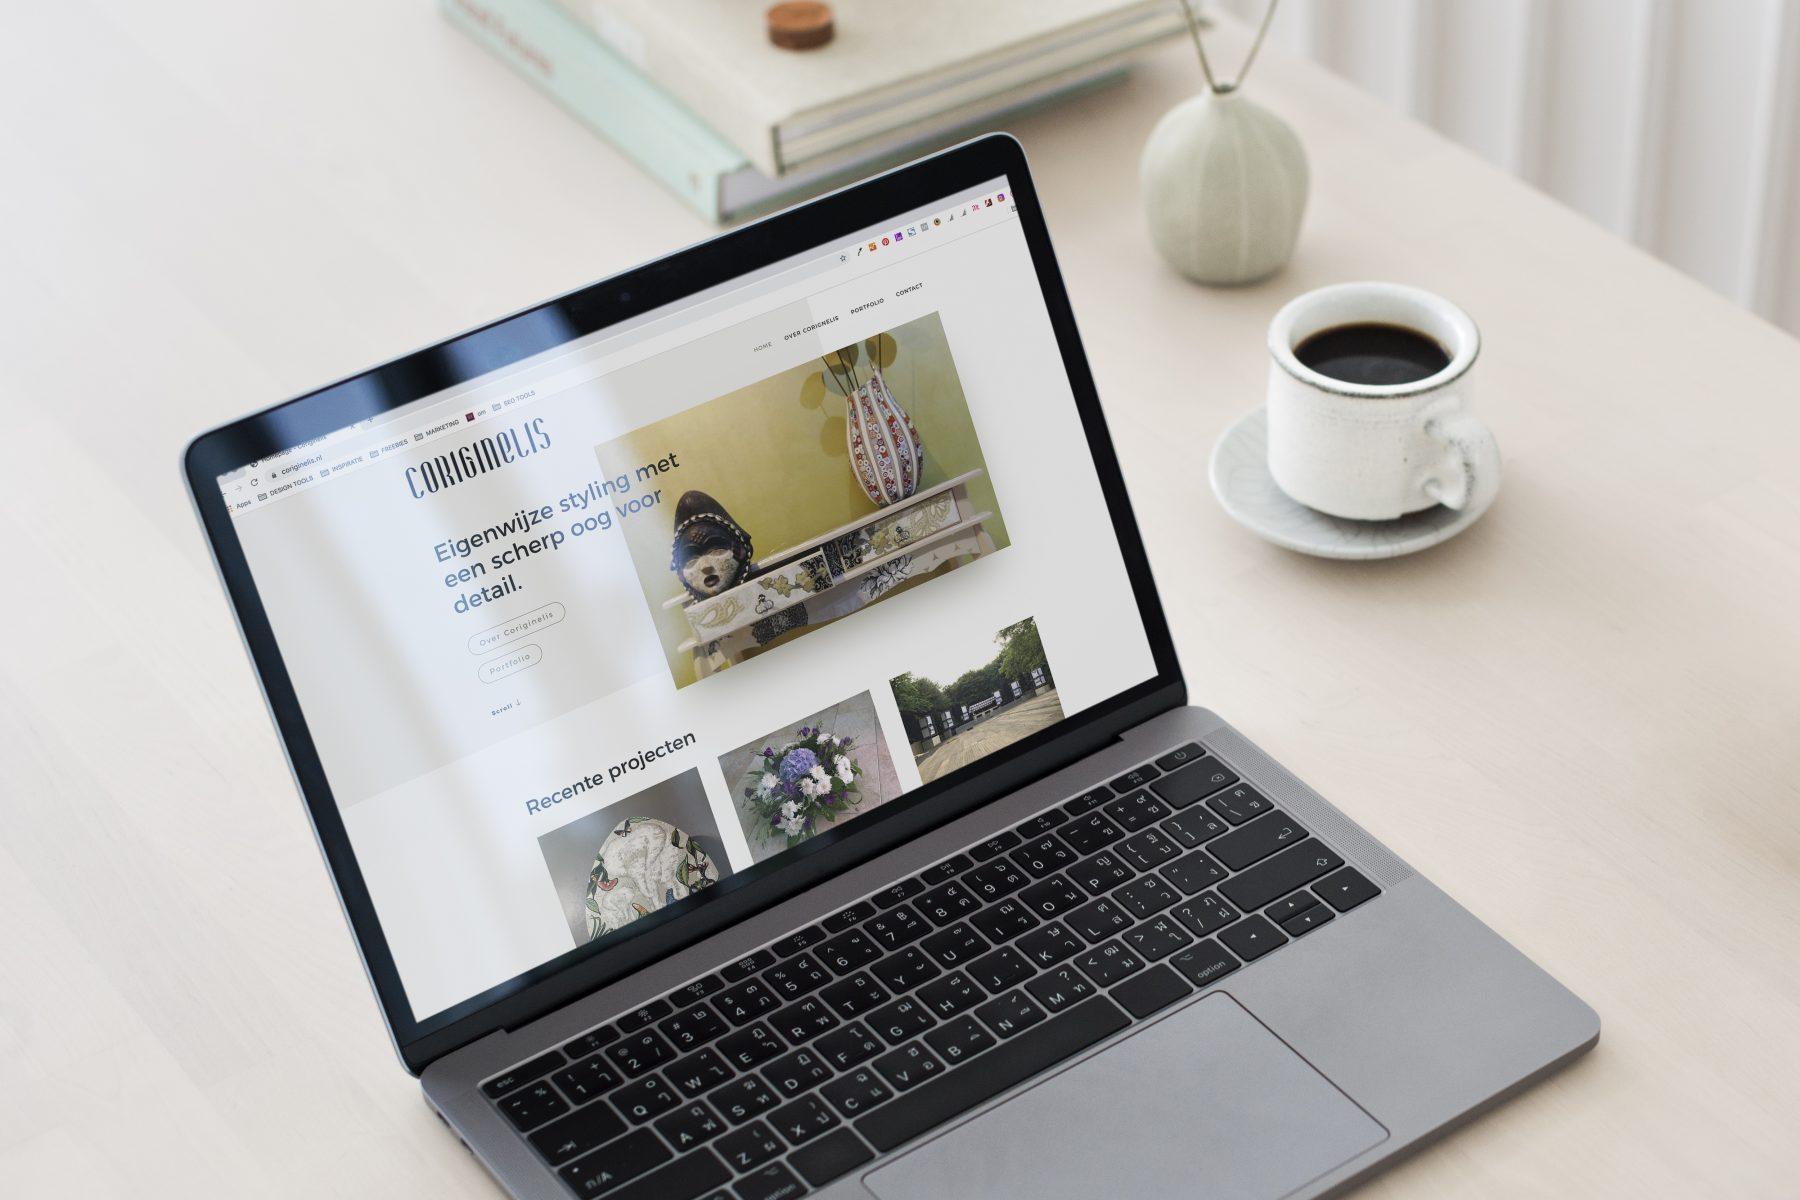 Een nieuwe website voor Coriginelis interieur en styling